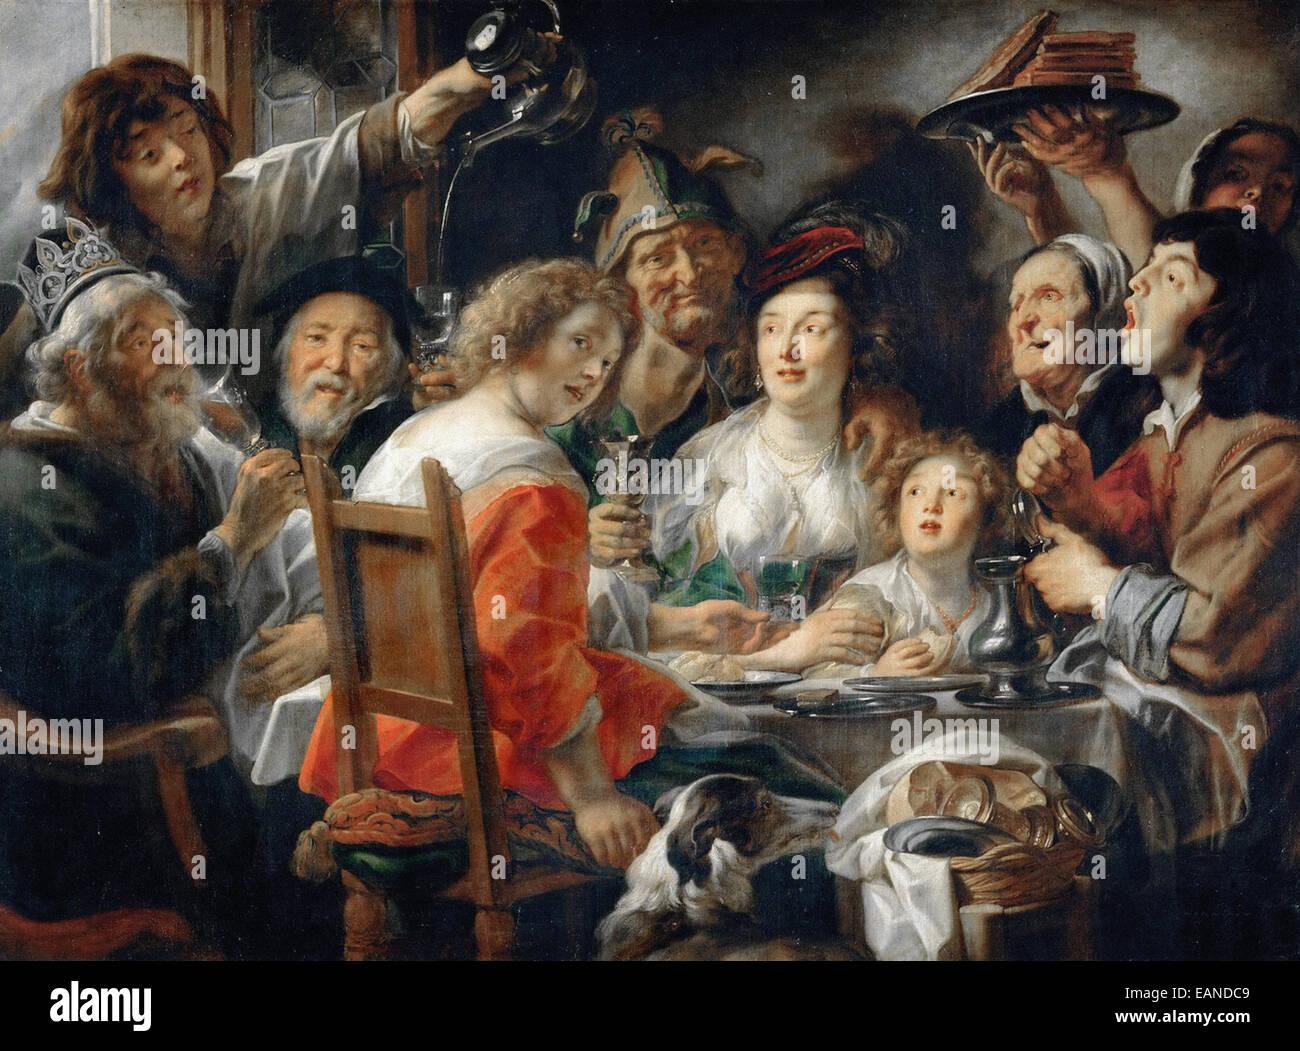 Jacob Jordaens König Getränke oder Familienessen auf das Fest der ...